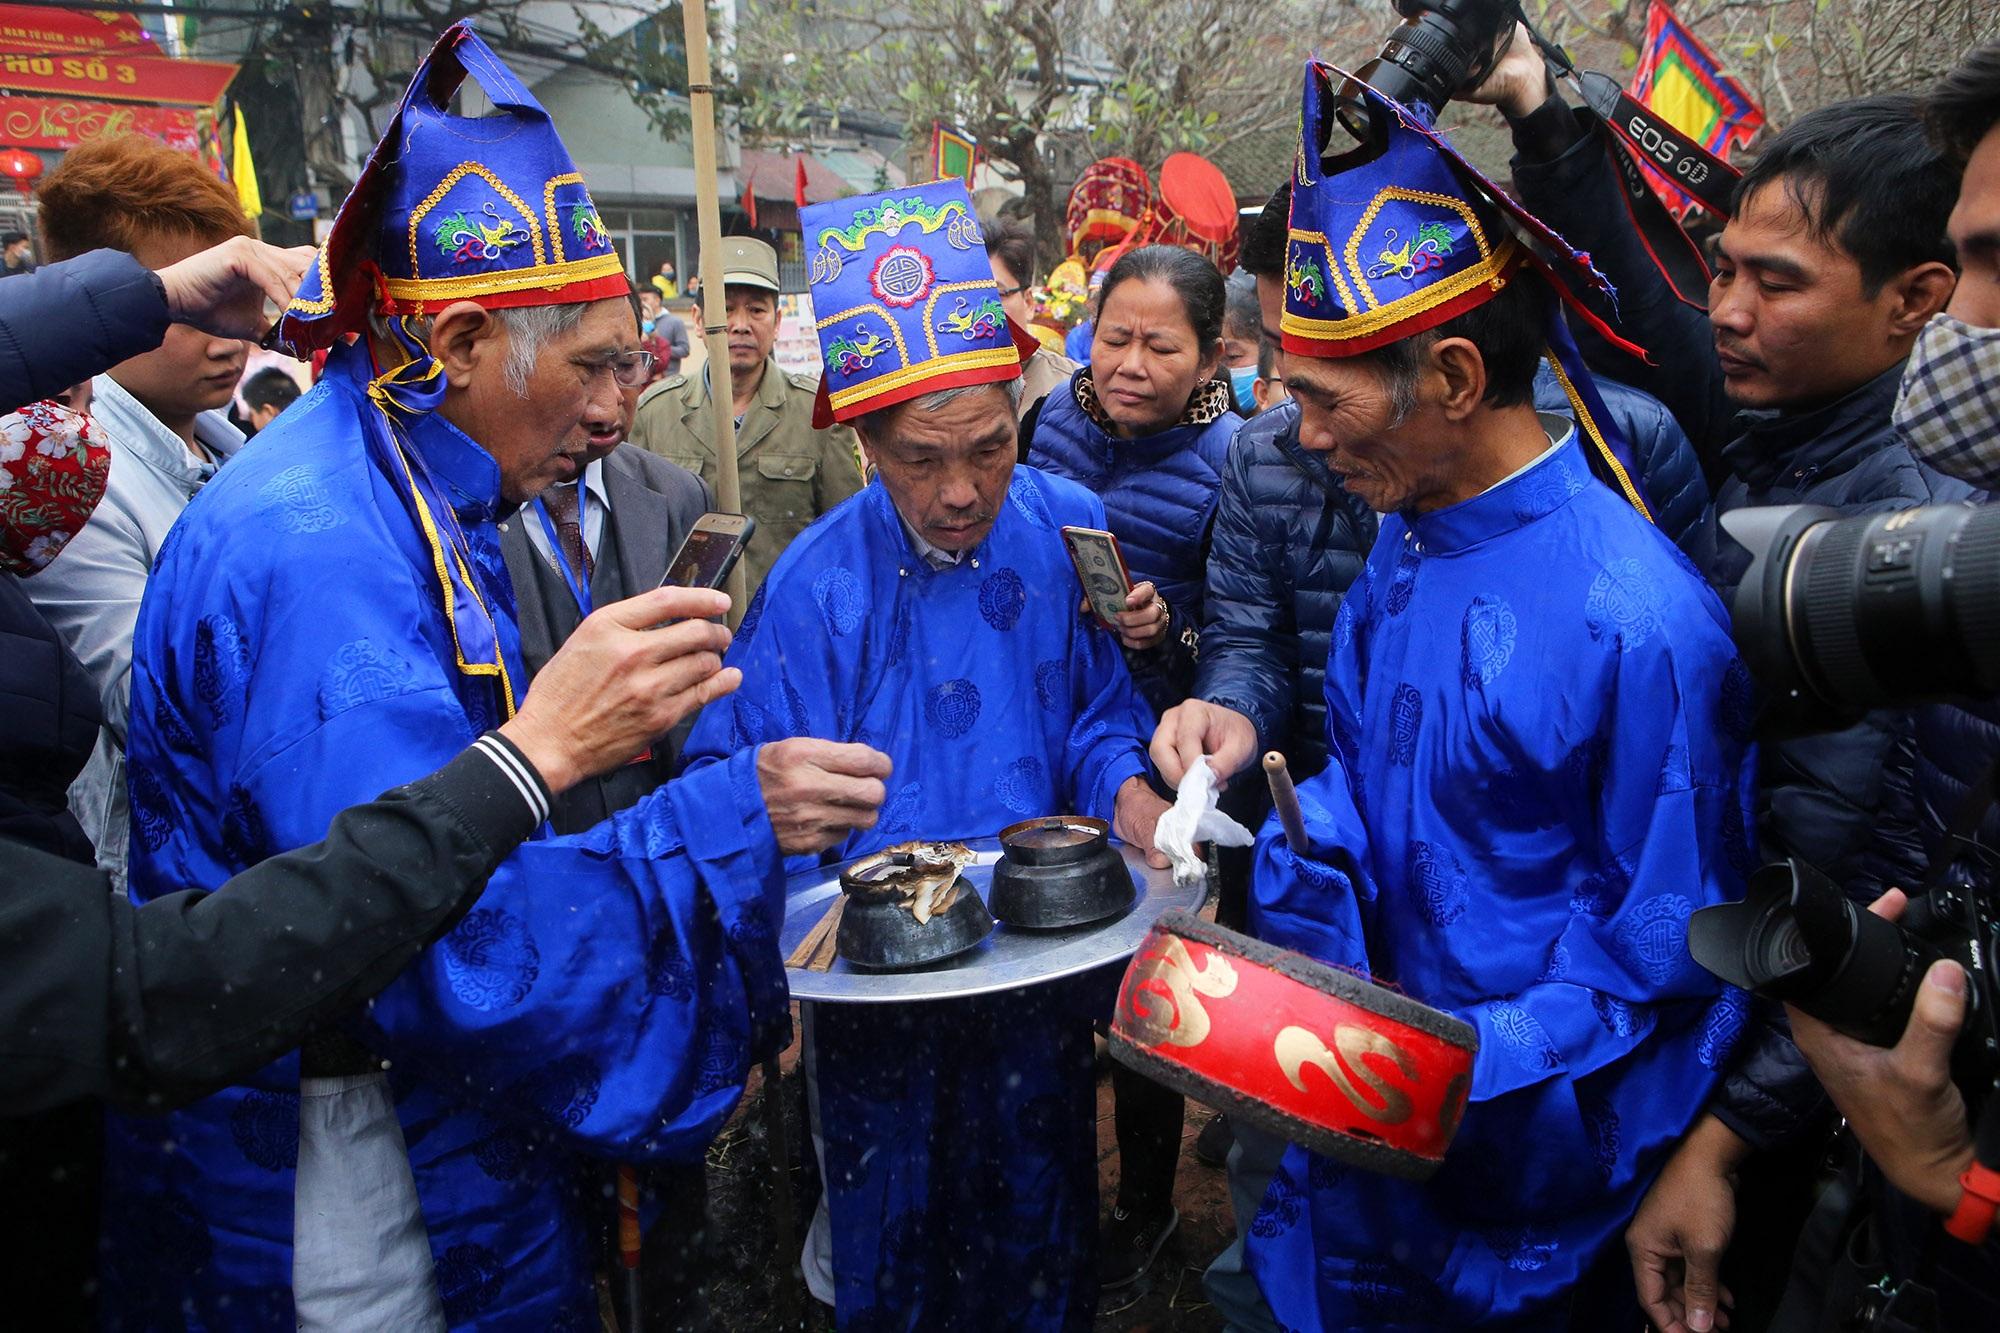 Hình ảnh đặc biệt trong lễ thổi cơm cổ xưa ít phút trước lệnh cấm vì virus corona - 13